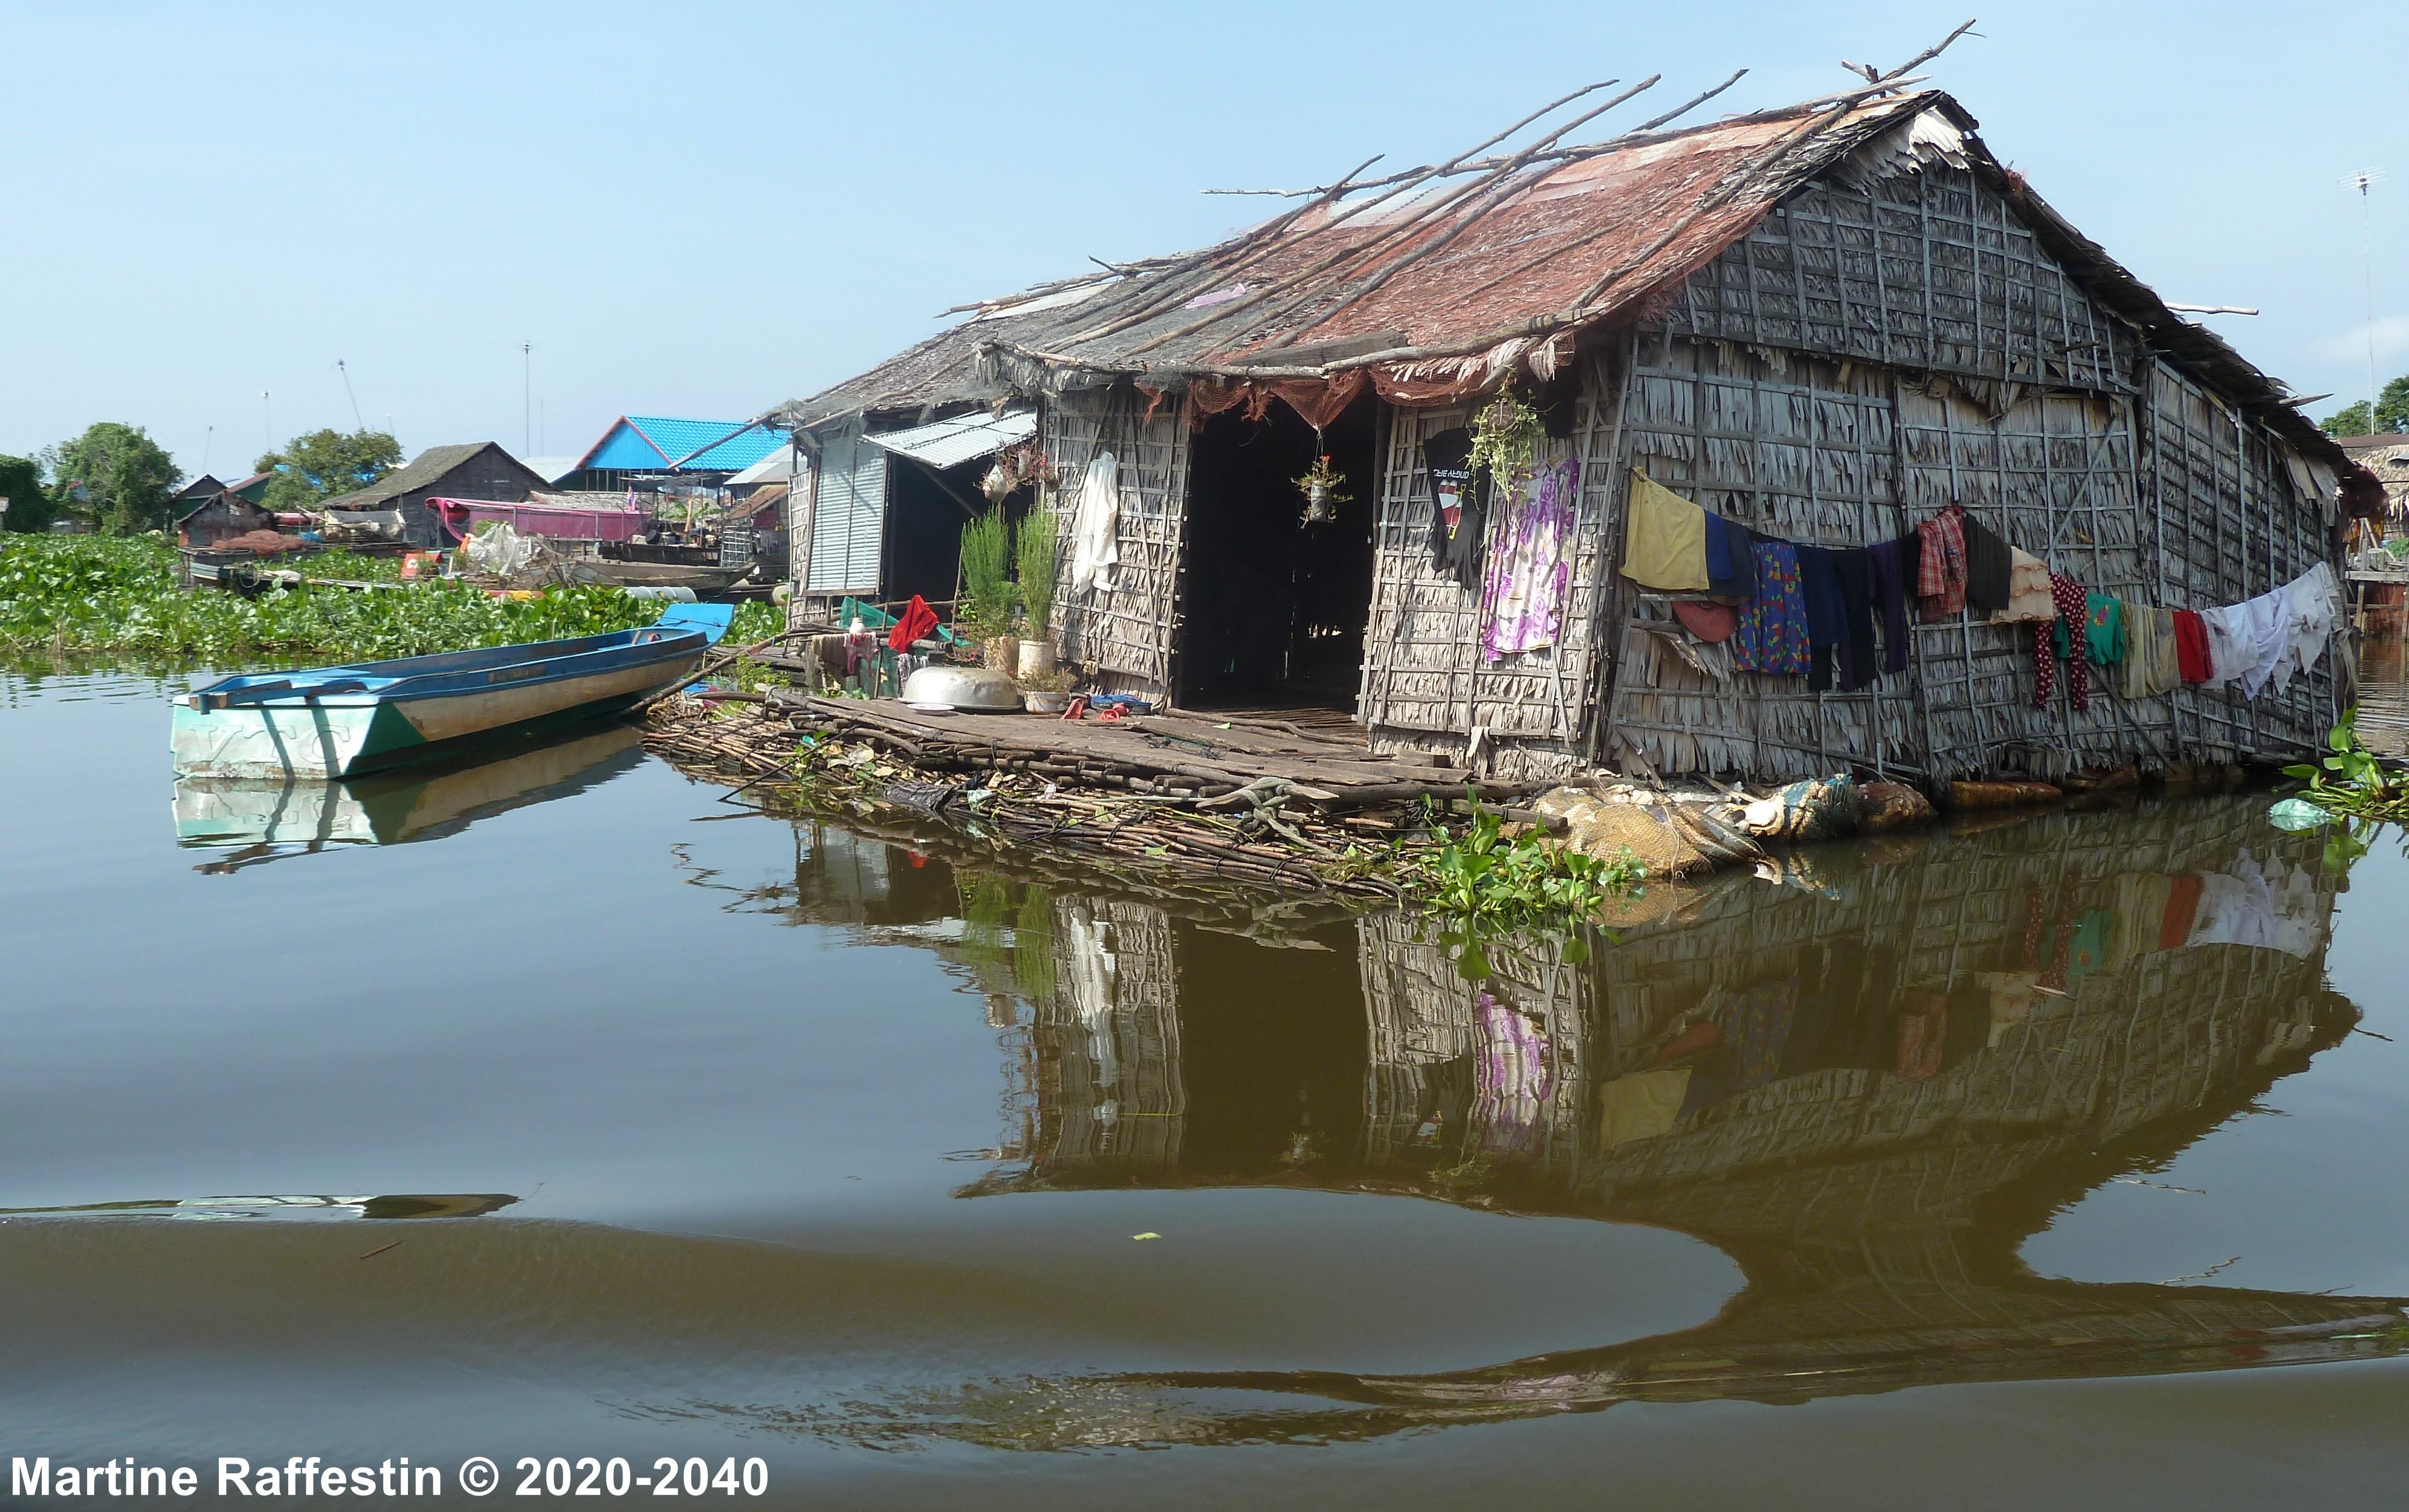 MR_Cambodge-village-de-pêcheurs-flottant-sur-le-lac-Tonlé-Sap